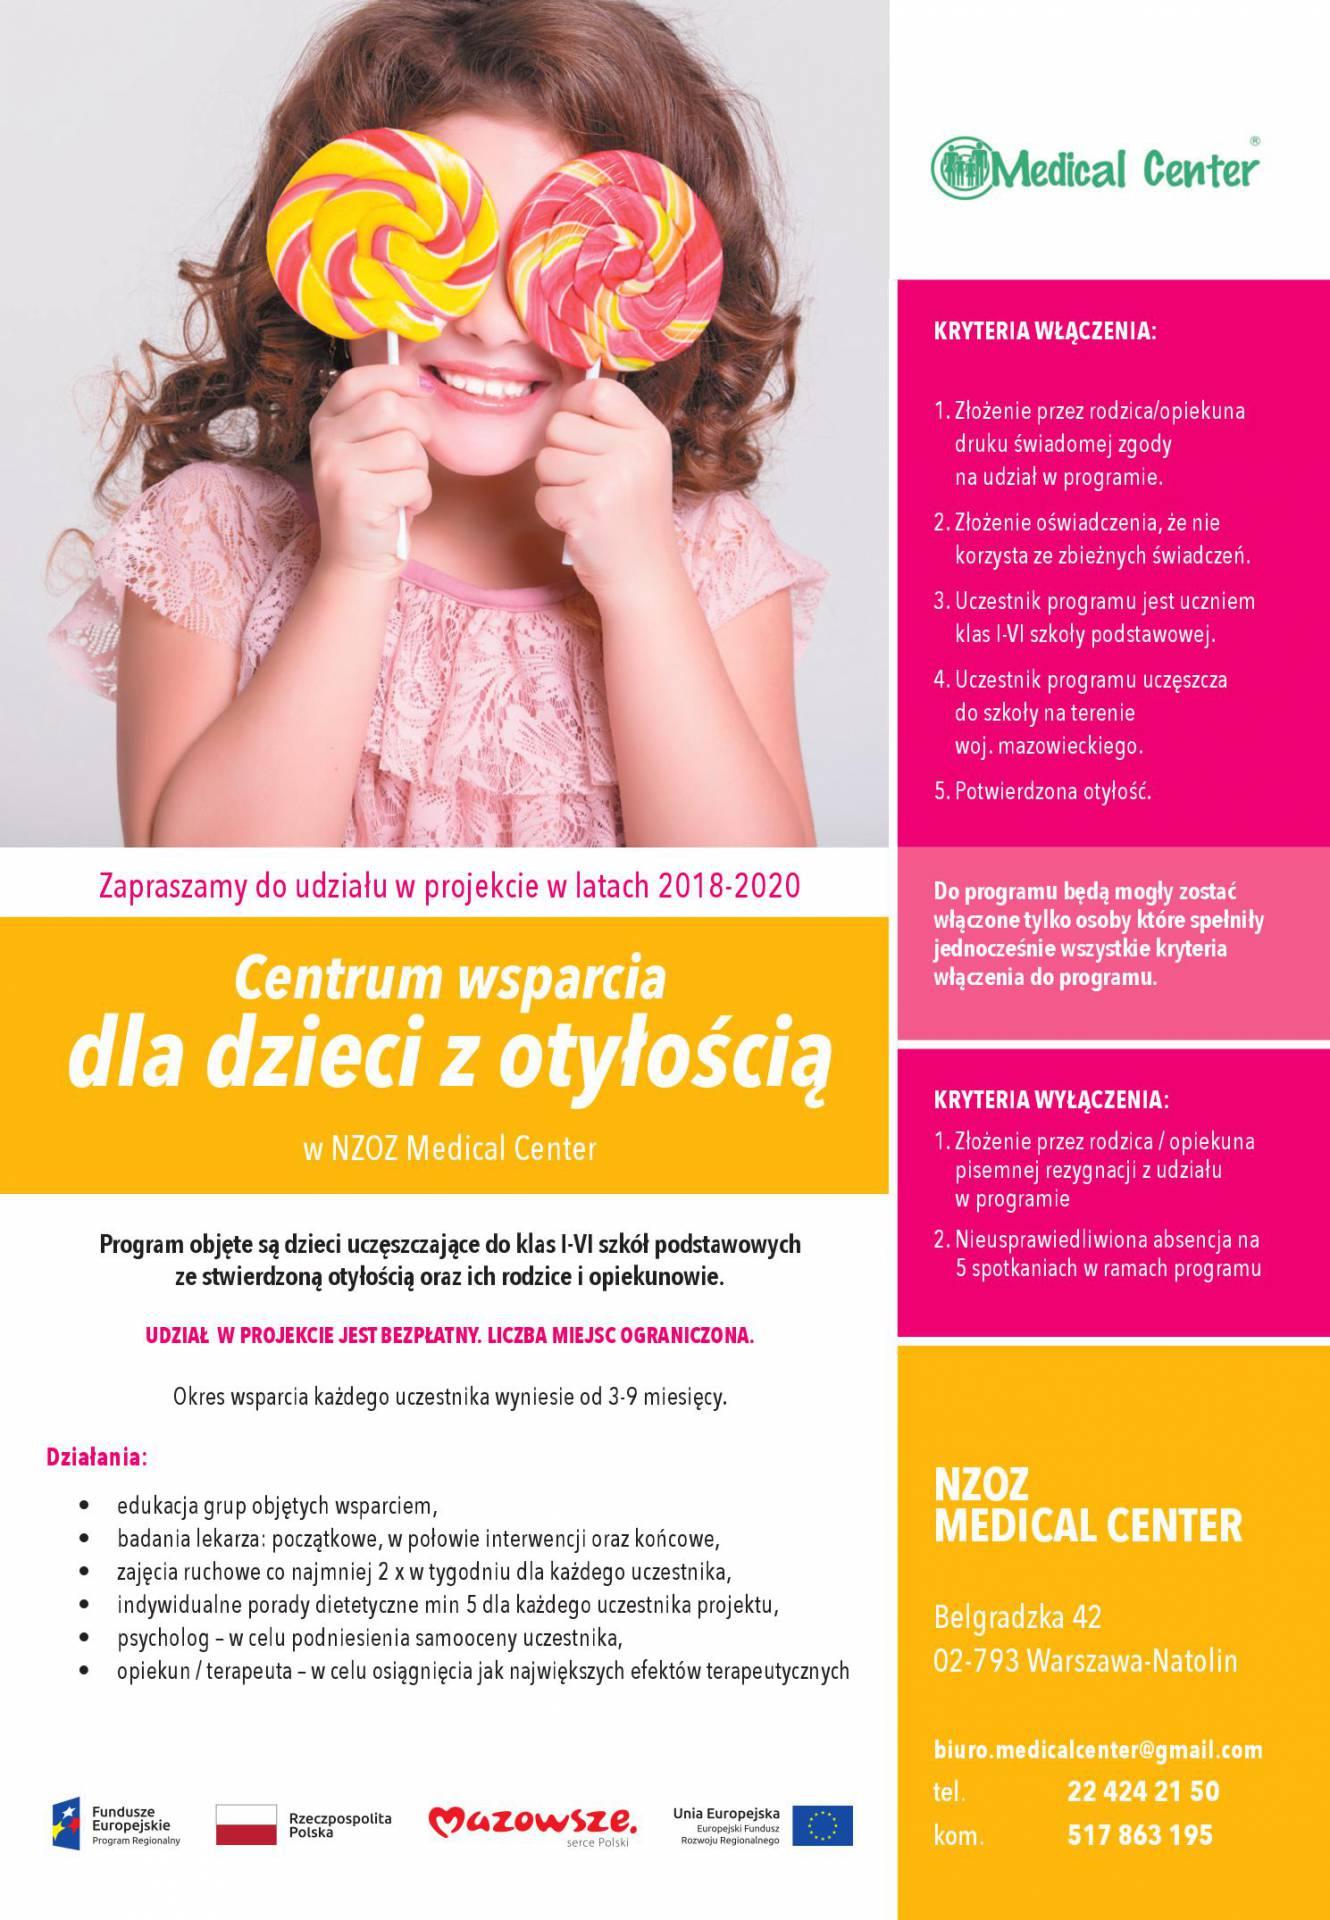 Projekt Centrum wsparcia dla dzieci z otyłością.